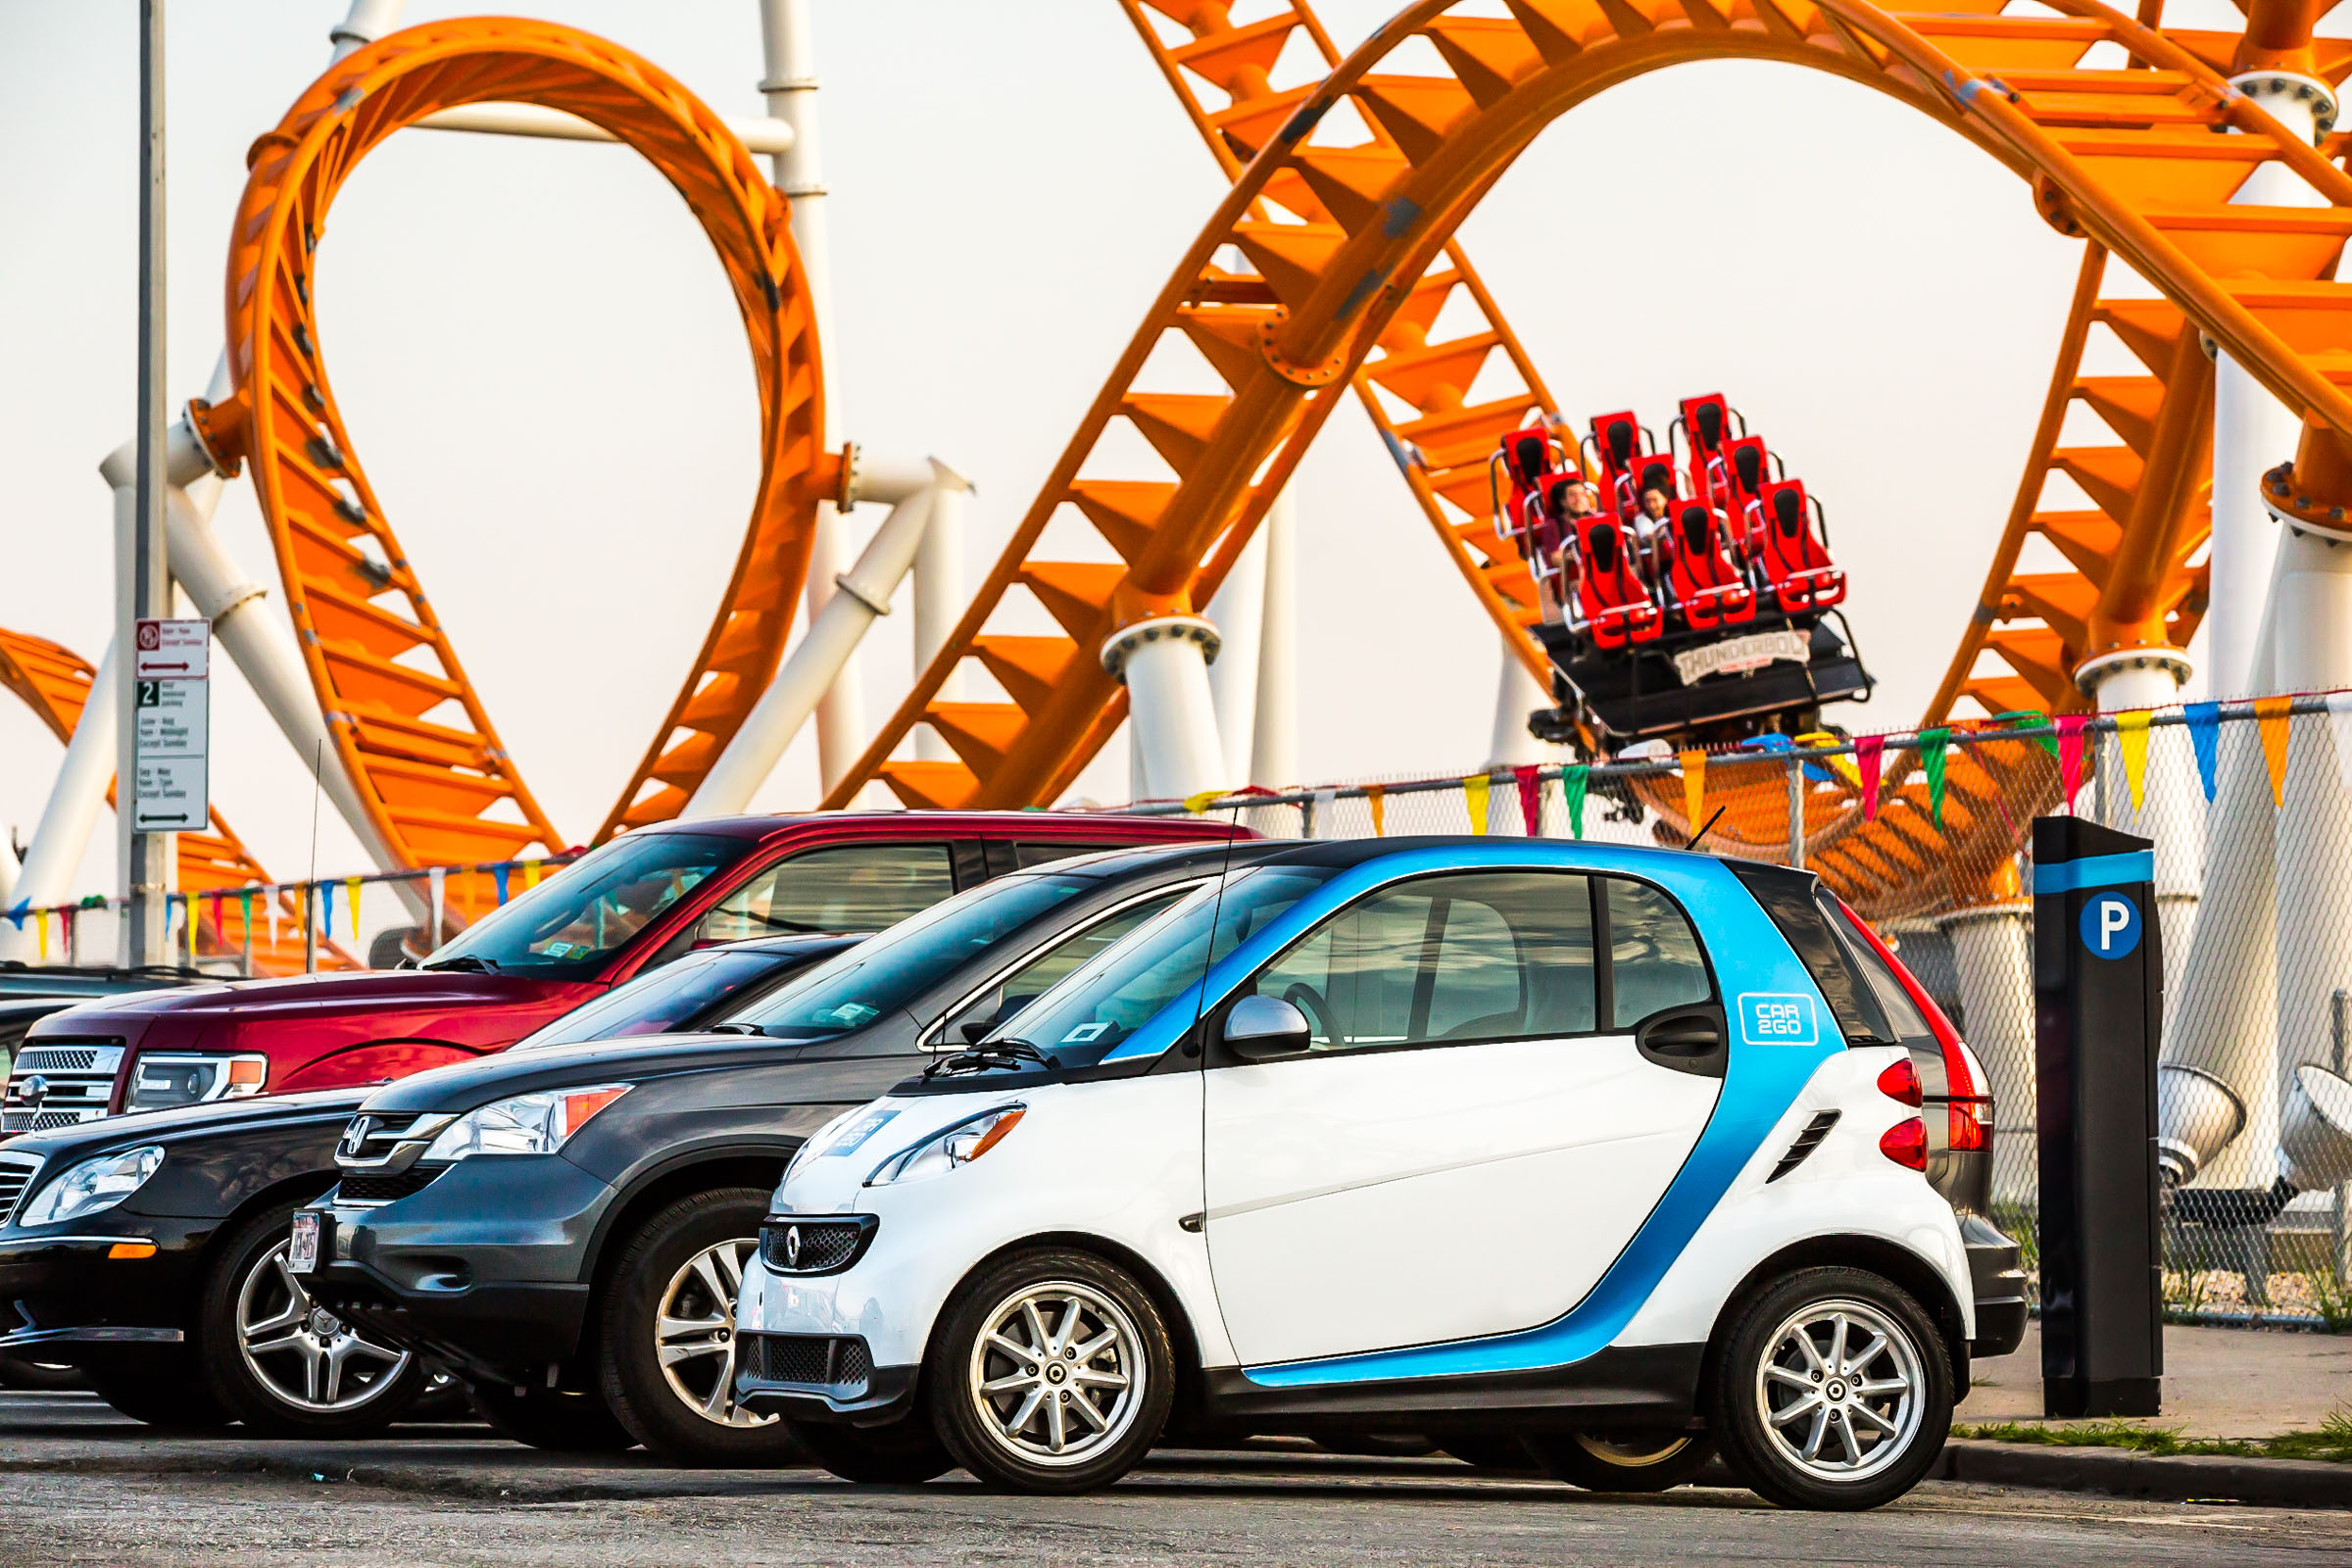 Car2go local marketing campaign. Coney Island, NY